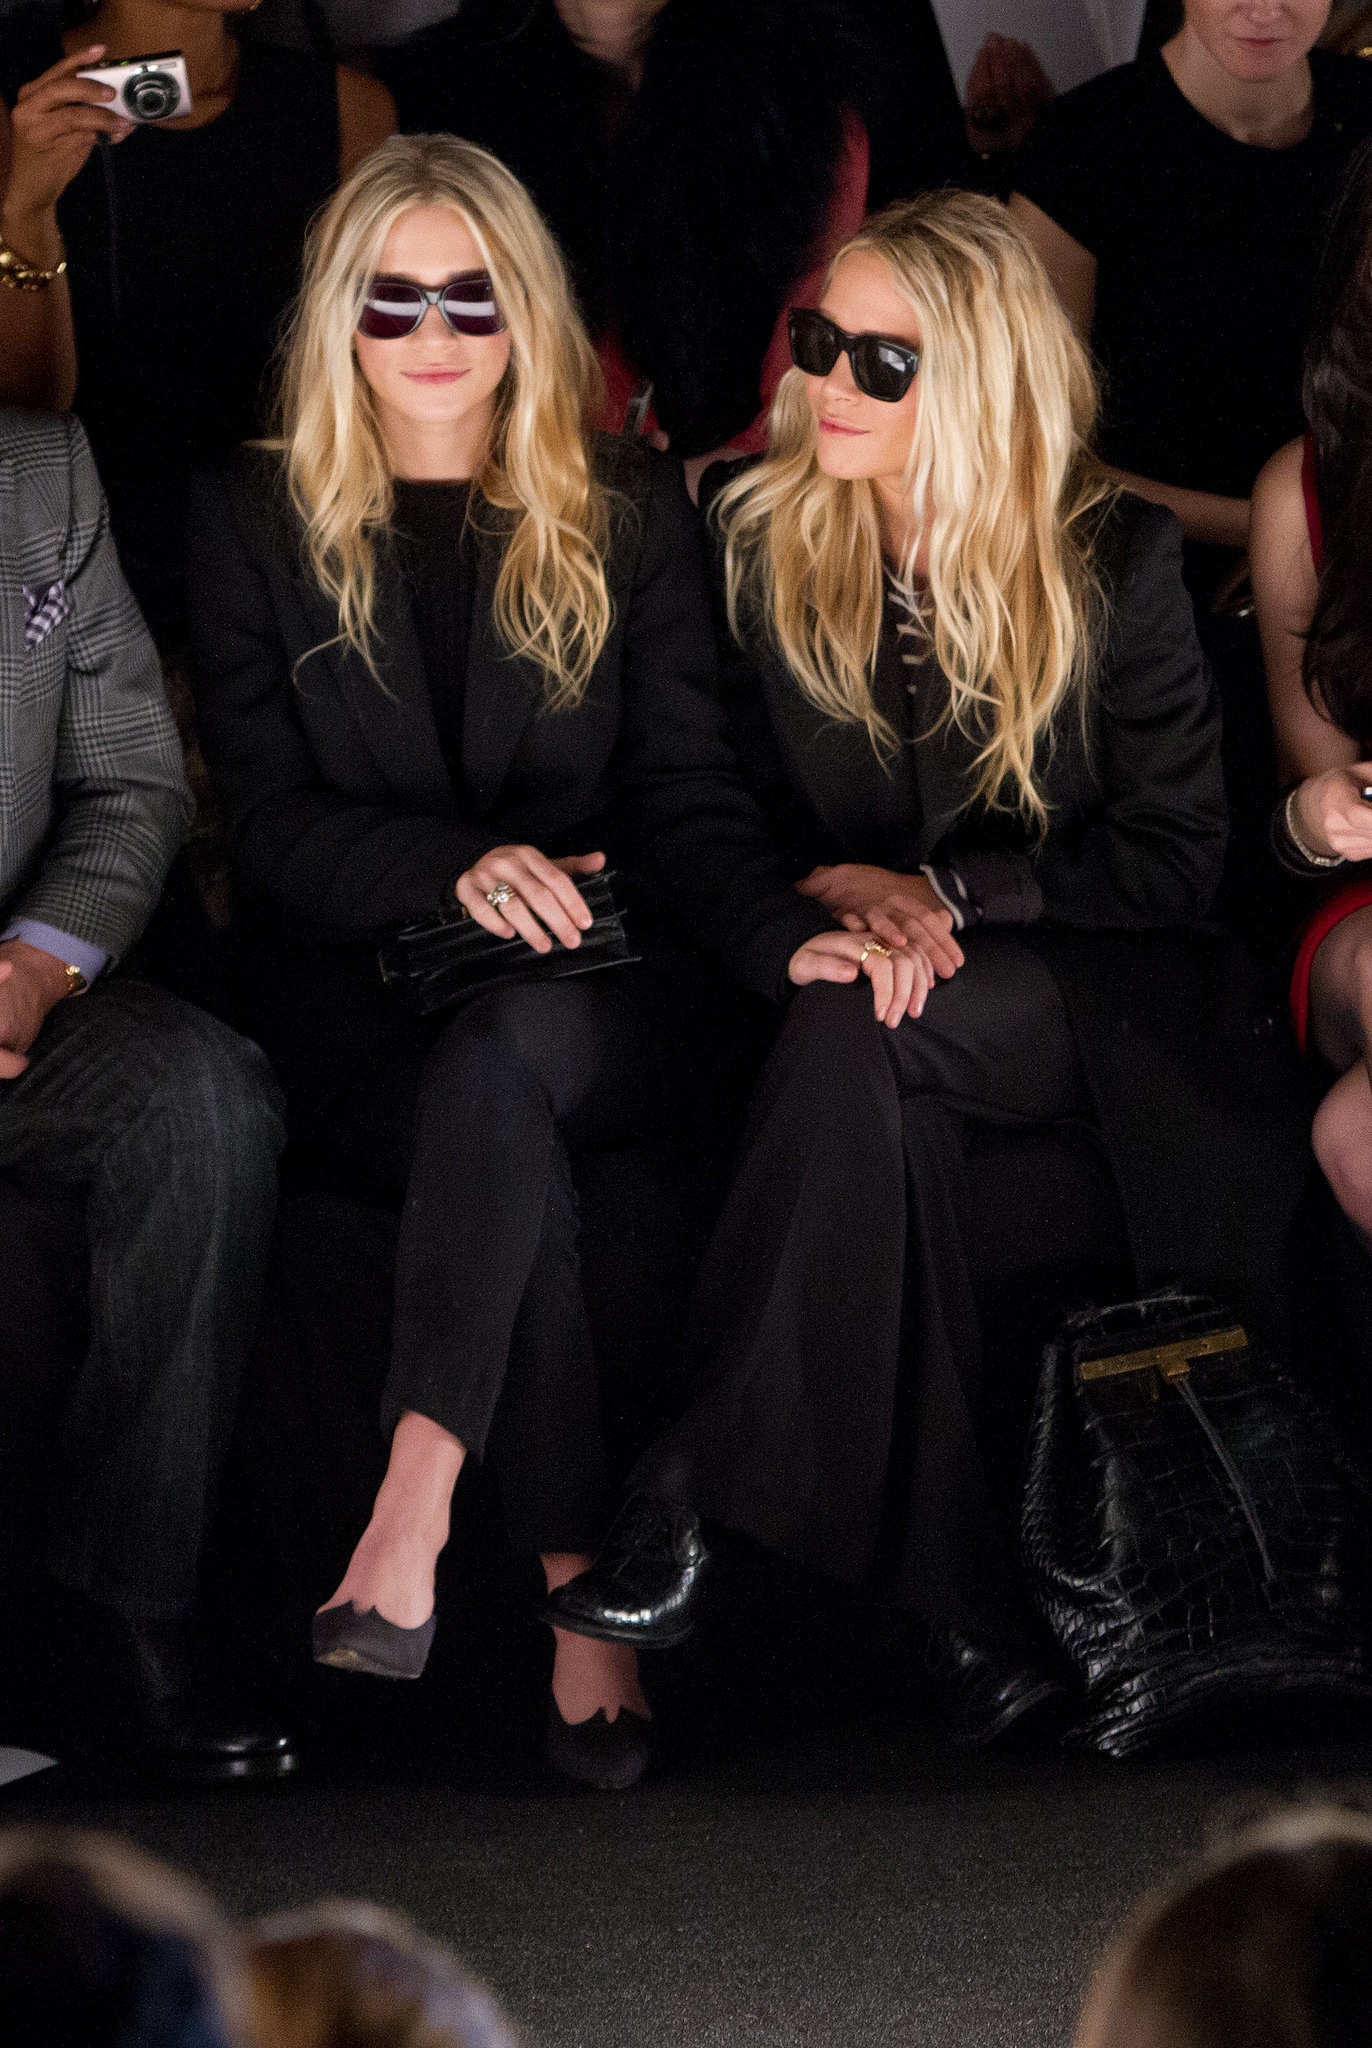 Mary-Kate Olsen and Ashley Olsen both wore sunglasses in February 2012 for J. Mendel's show.